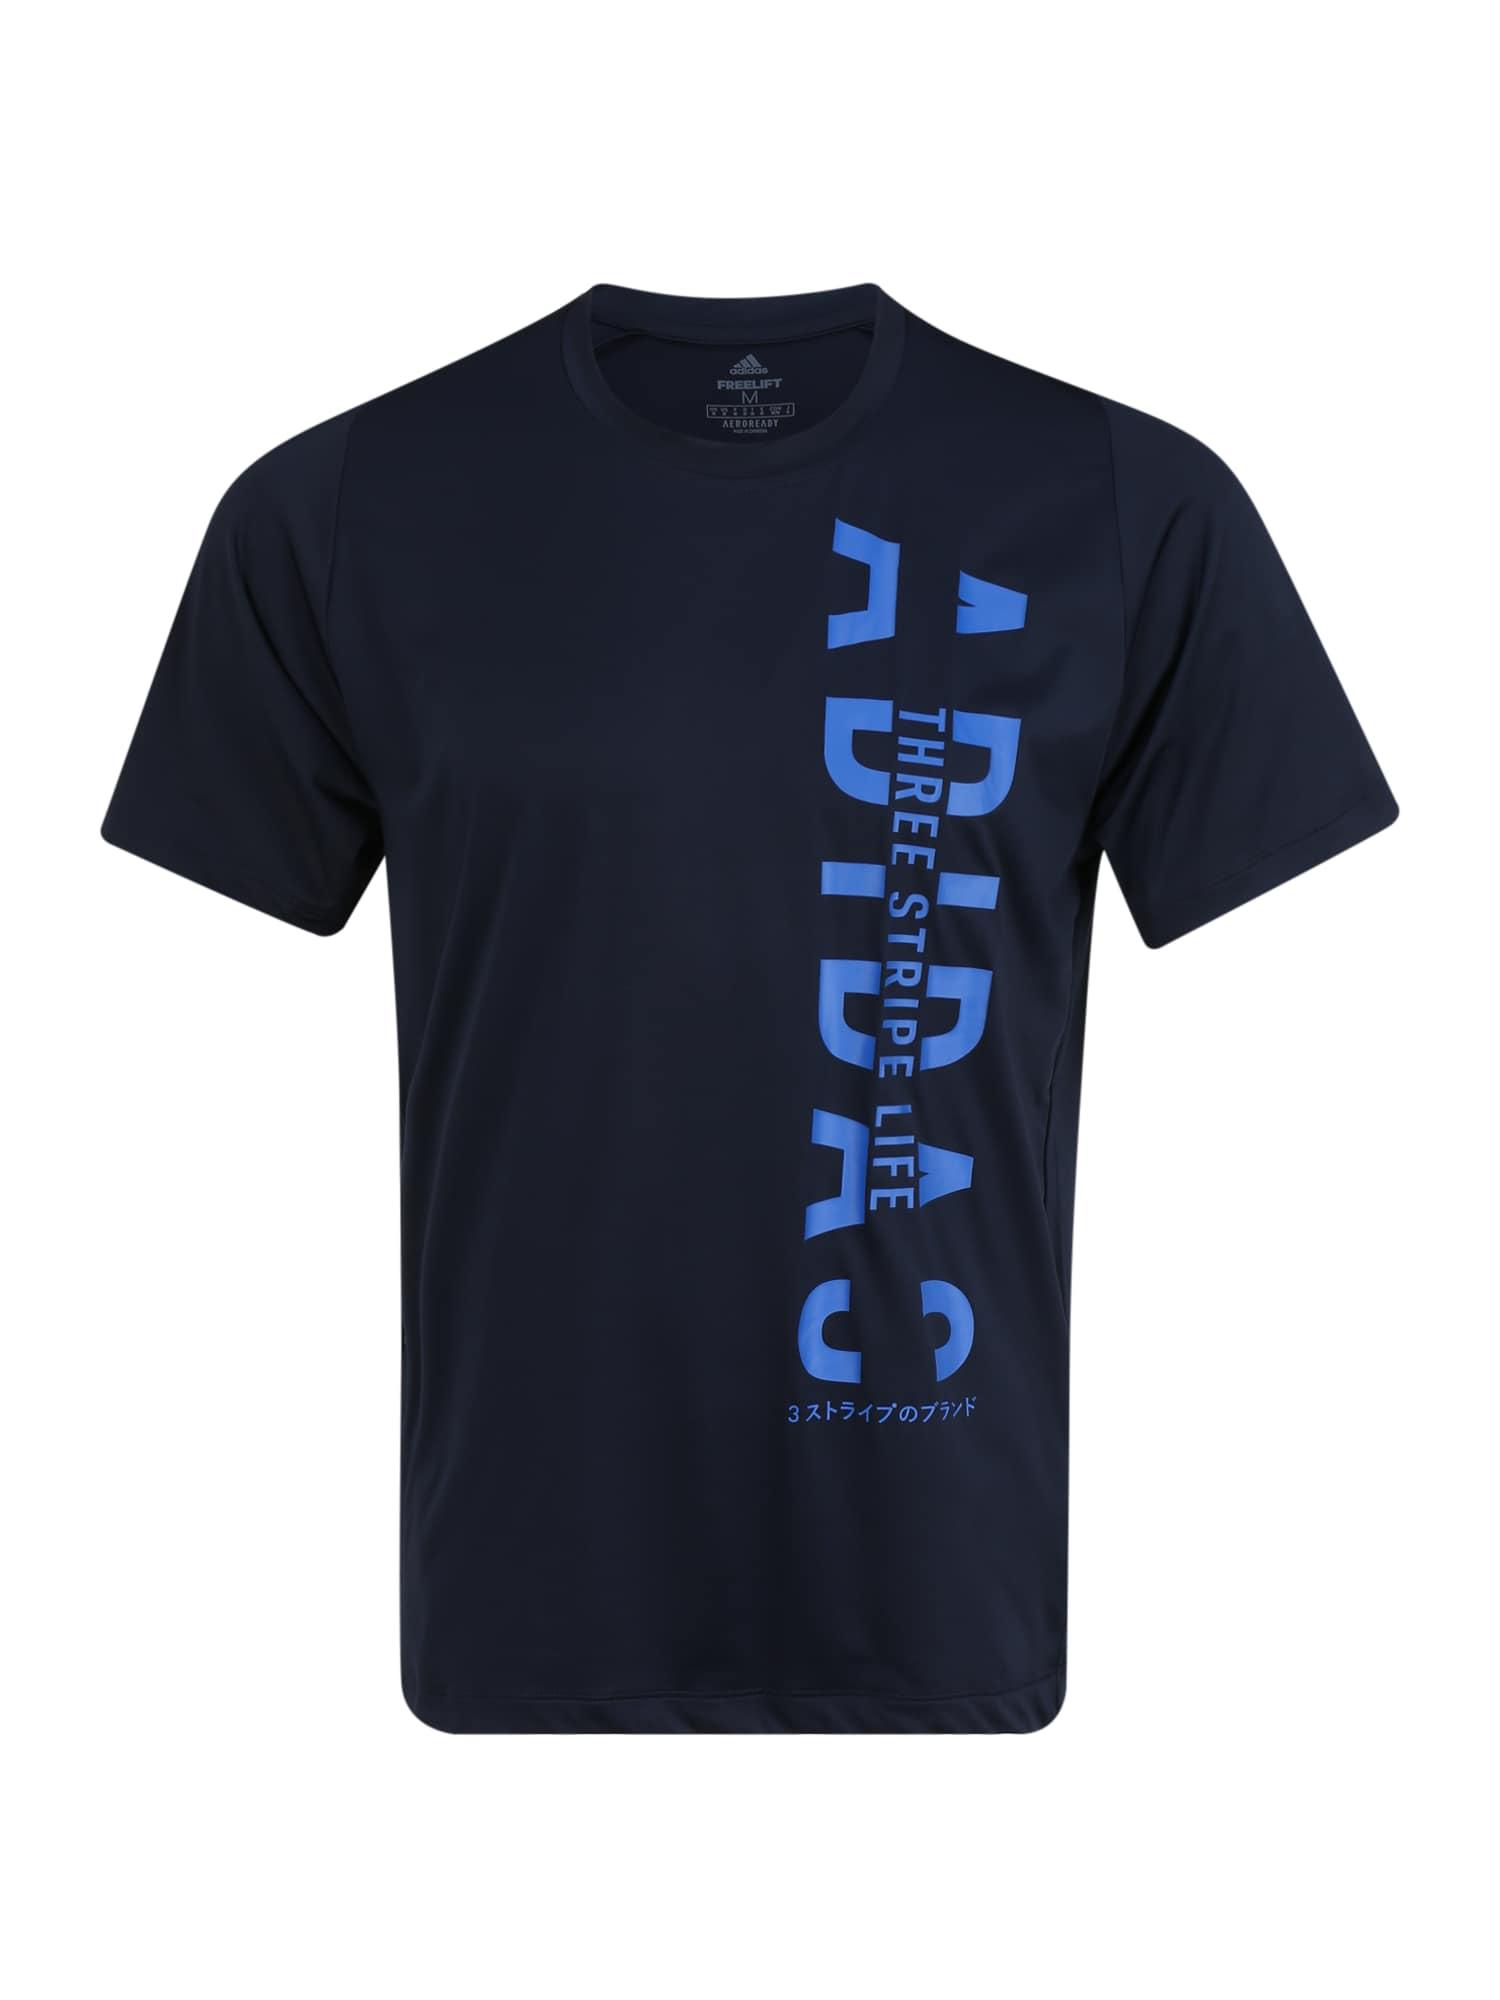 ADIDAS PERFORMANCE Sportiniai marškinėliai 'HYPER' mėlyna / indigo spalva